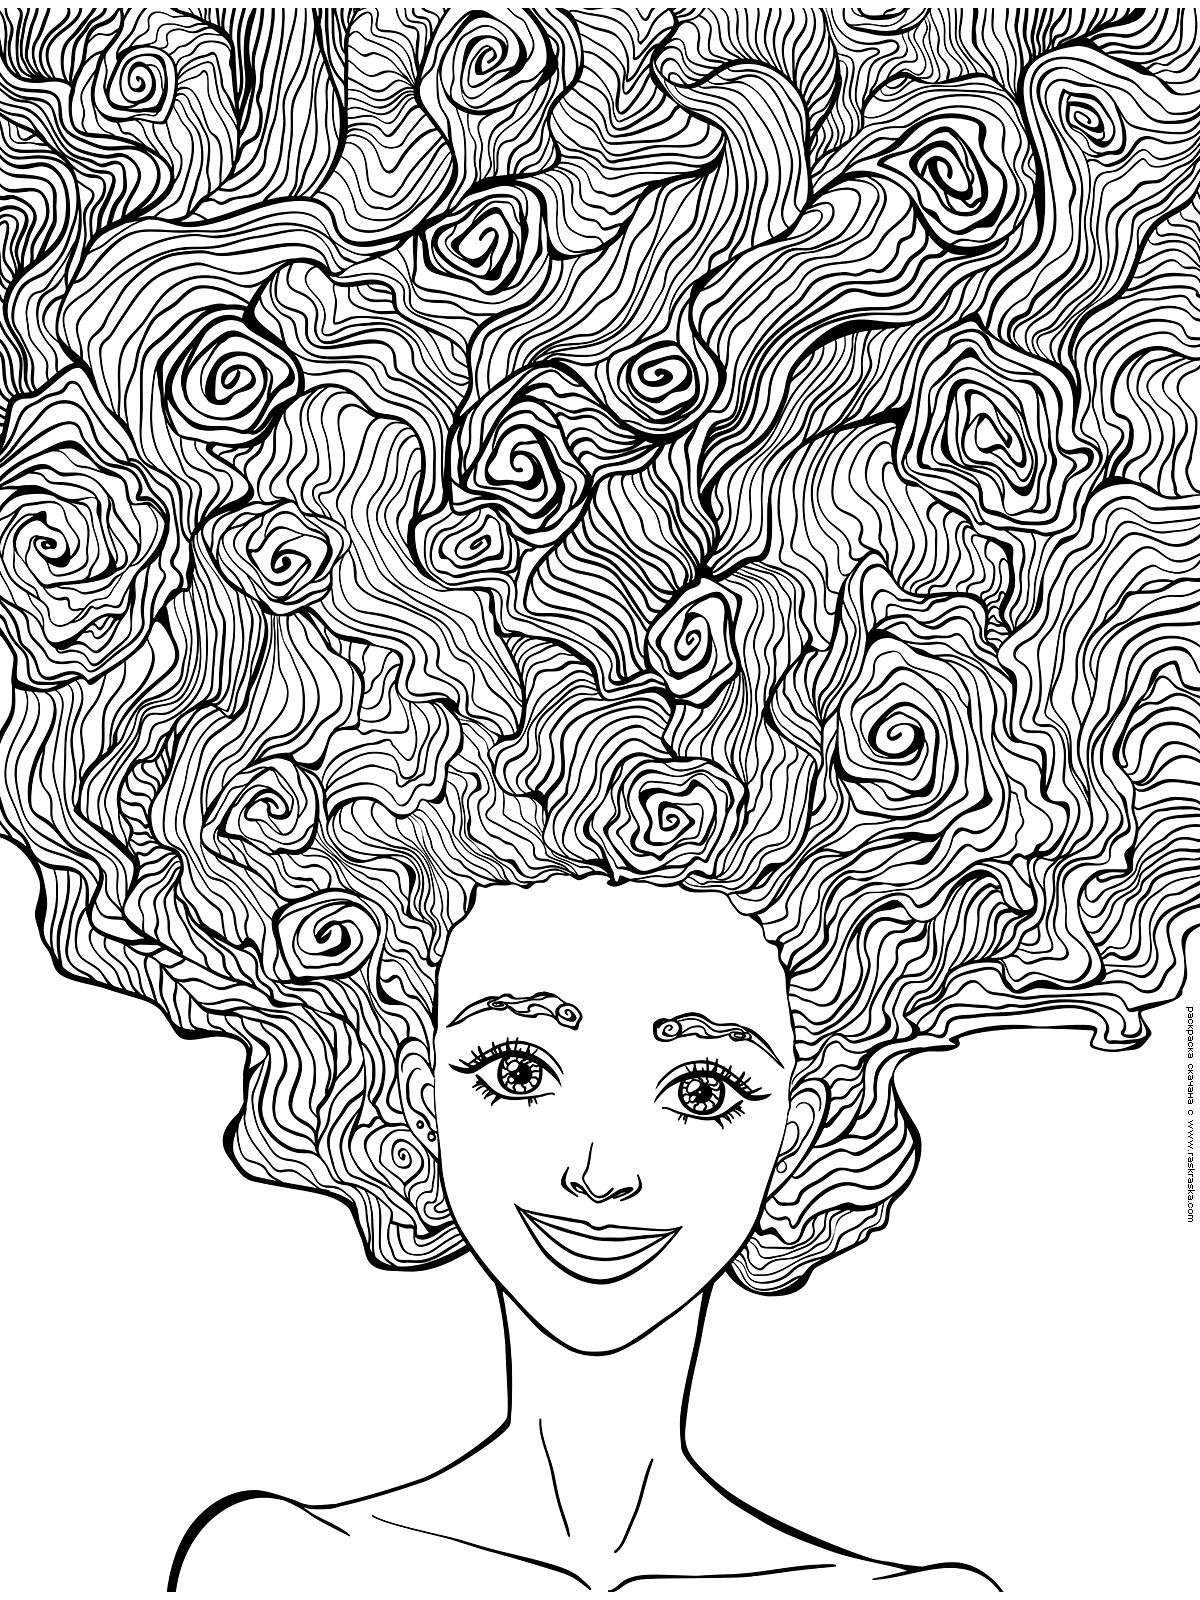 Раскраска Пышные волосы. Раскраска антистресс